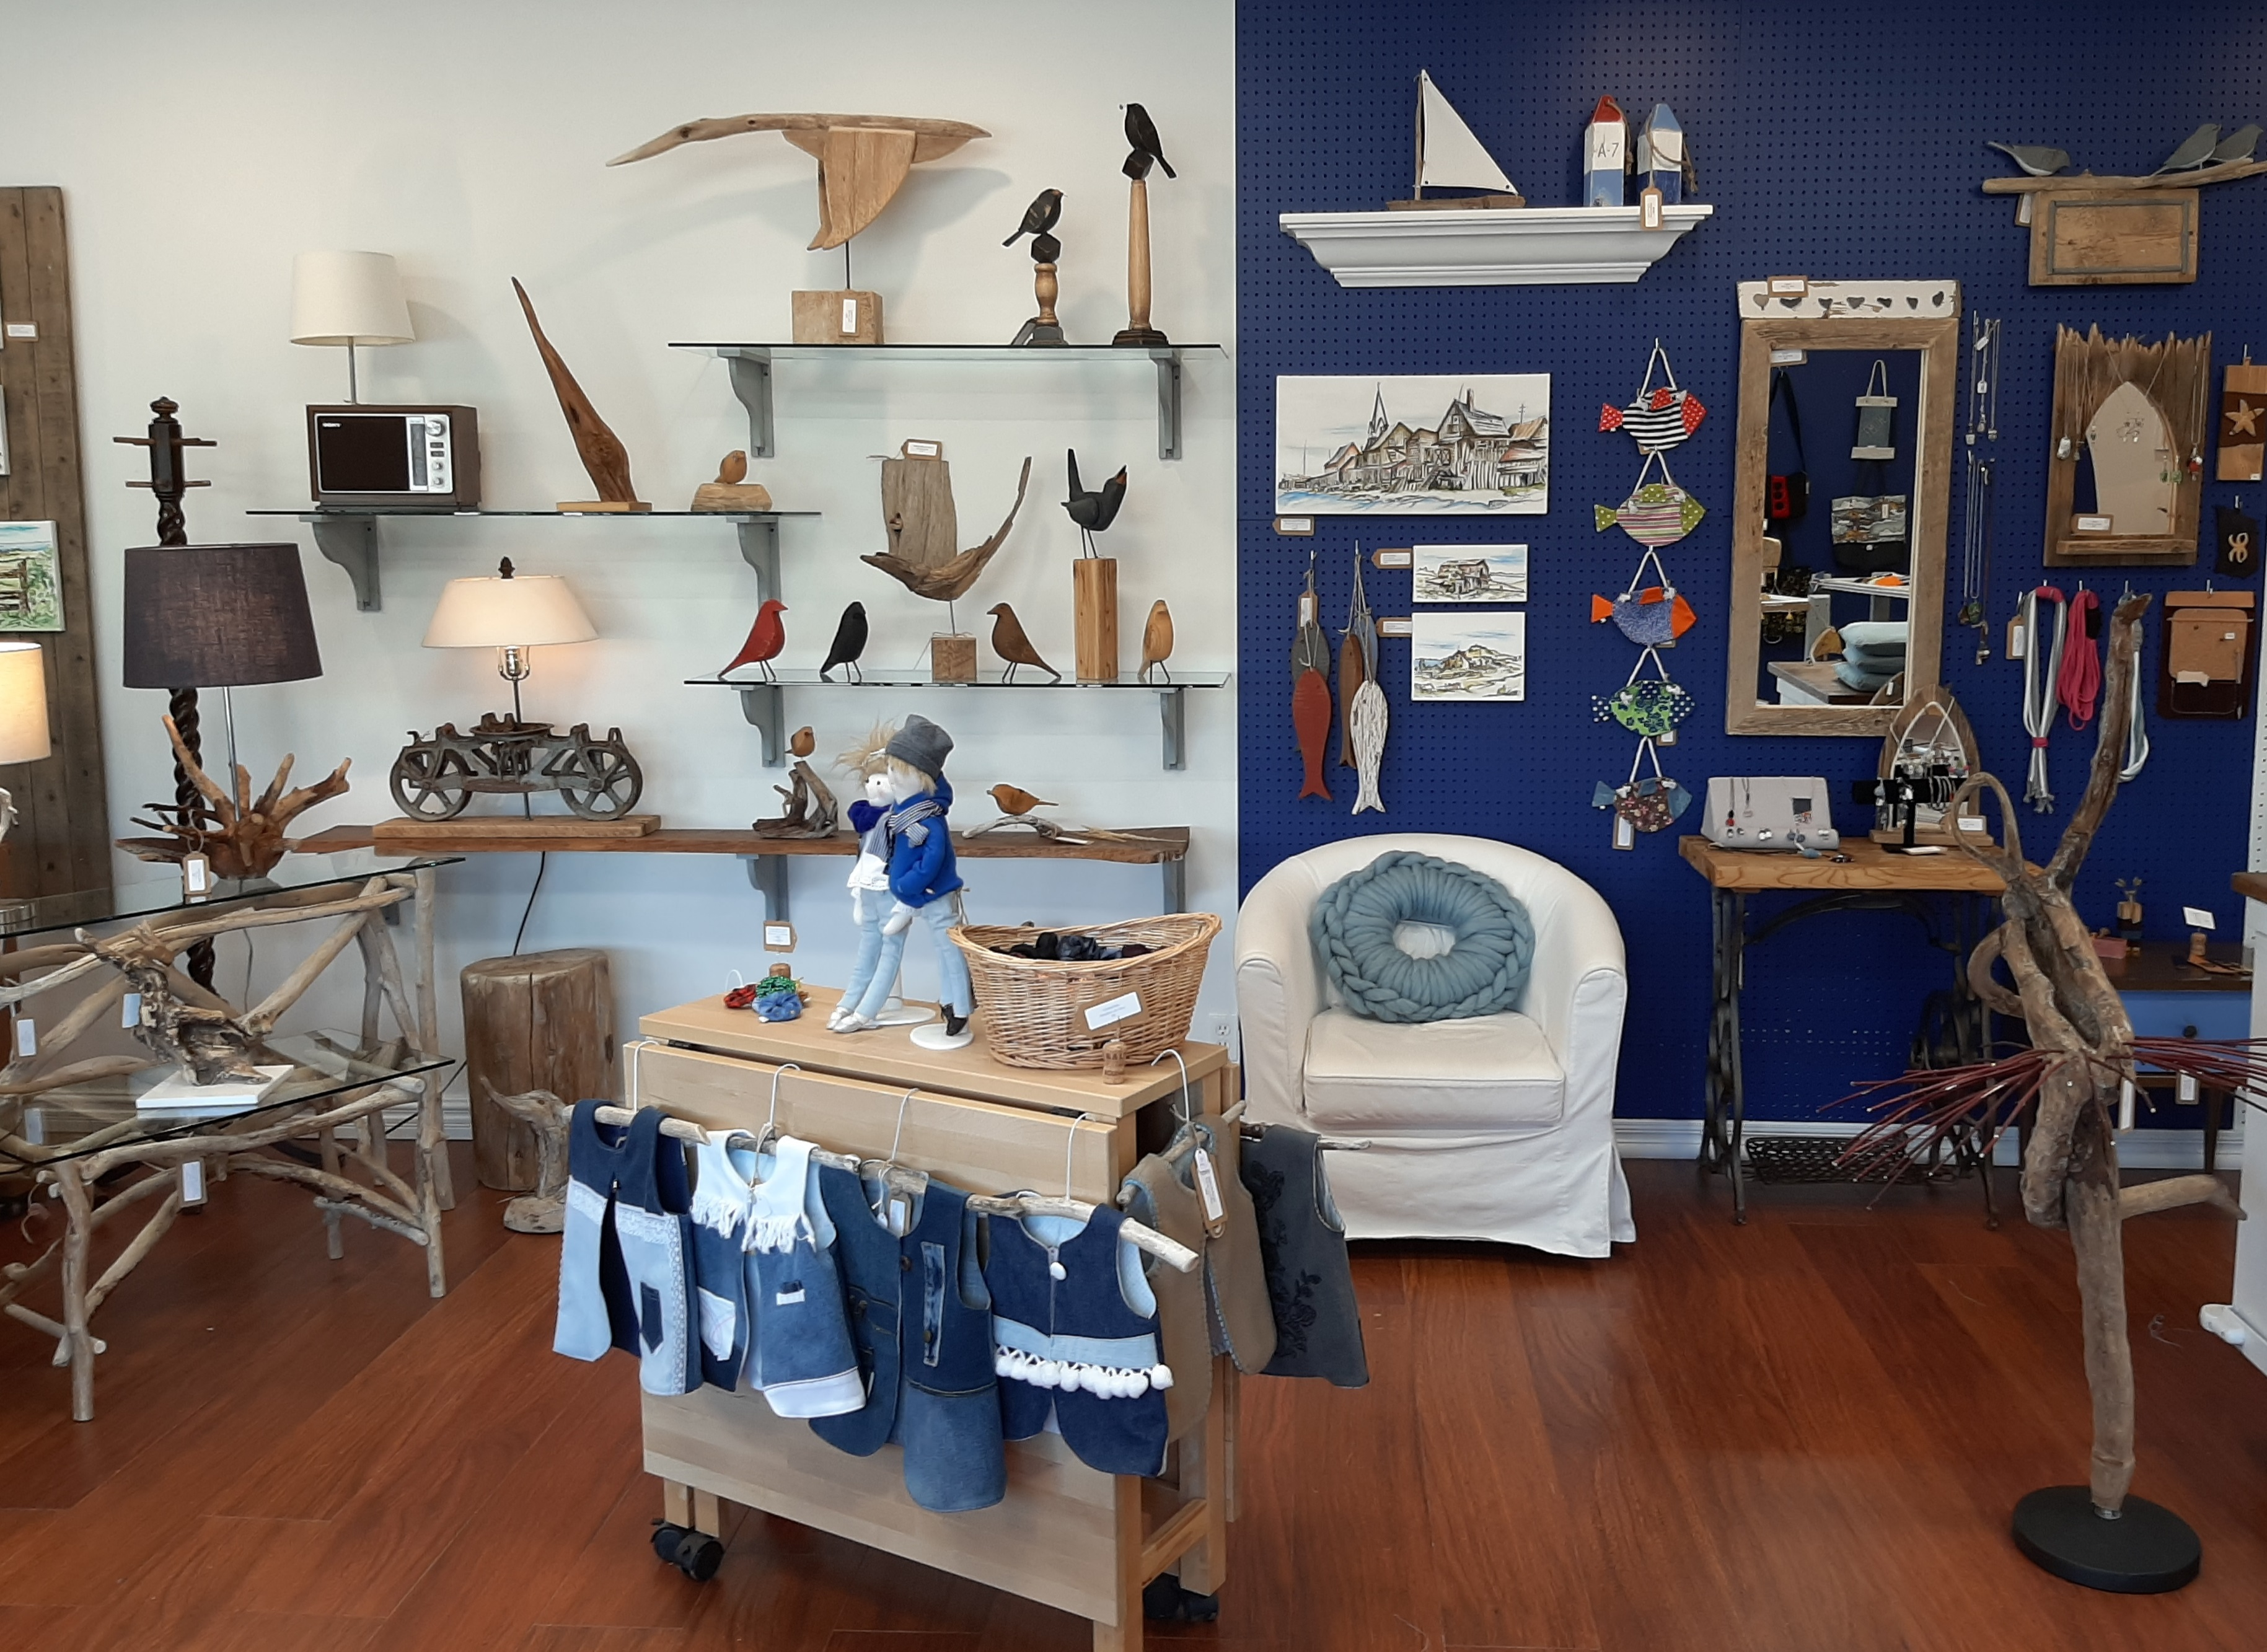 La boutique Ricochets de Rivière-Hâtée accueillera sept créatrices de la région tous les samedis du 7 novembre au 19 décembre.